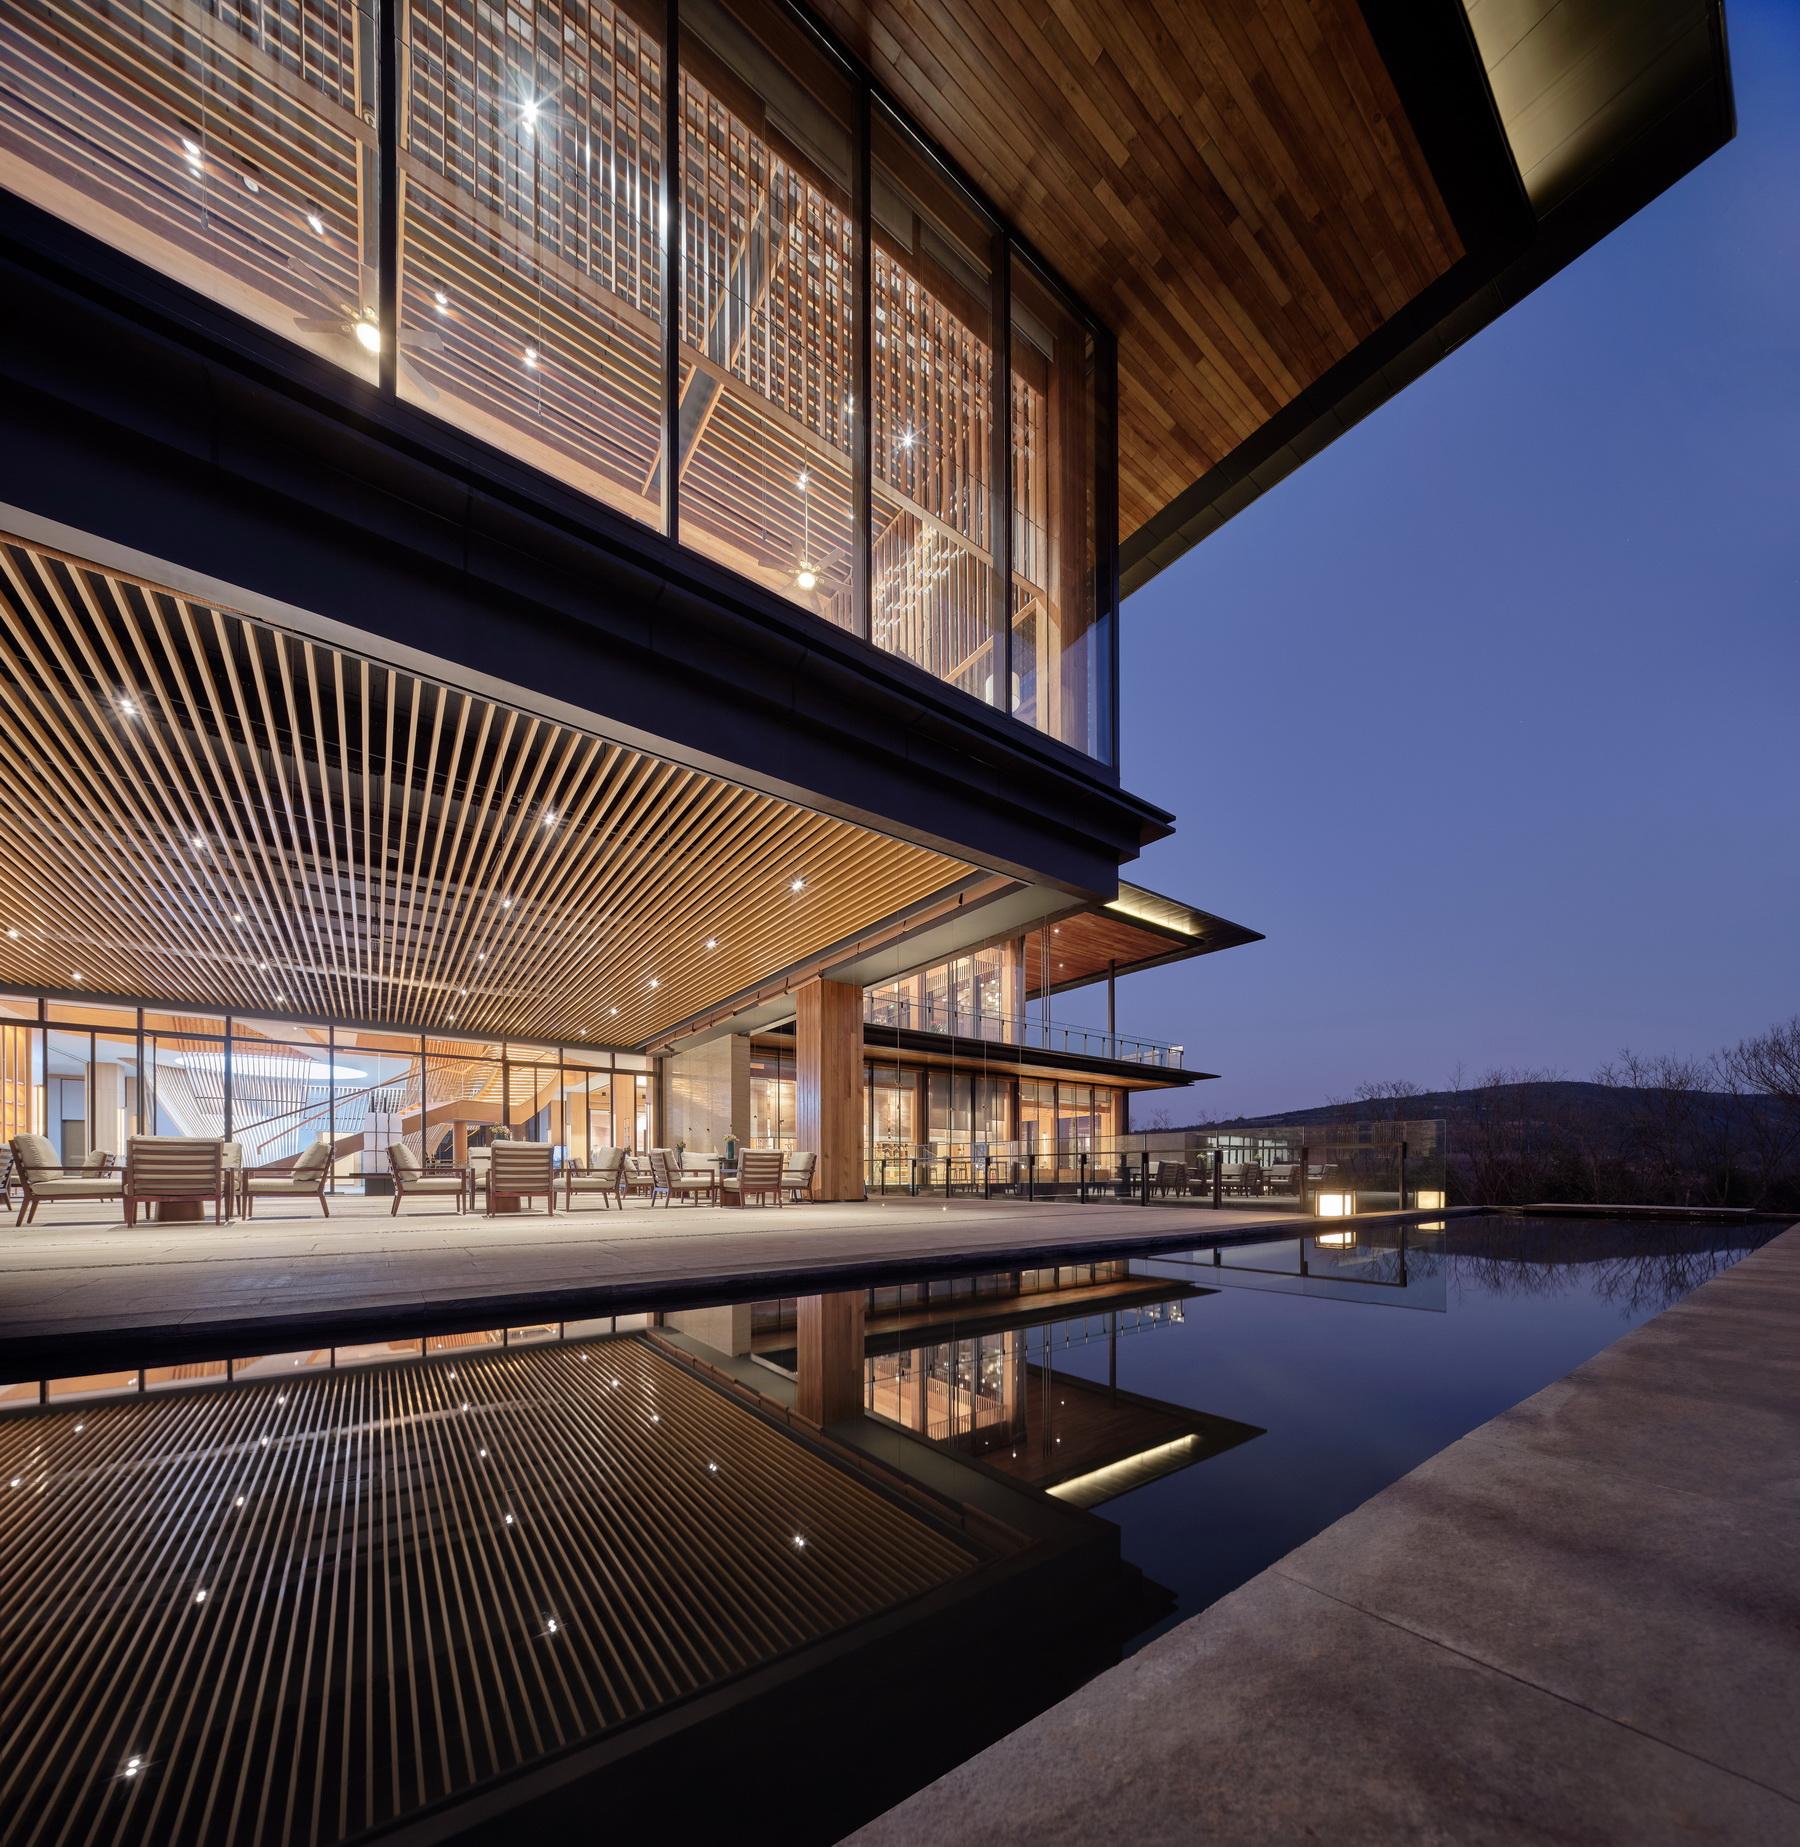 意思桥康旅小镇 九溪云舒体验中心 木构设计 /  上海隽执建筑科技